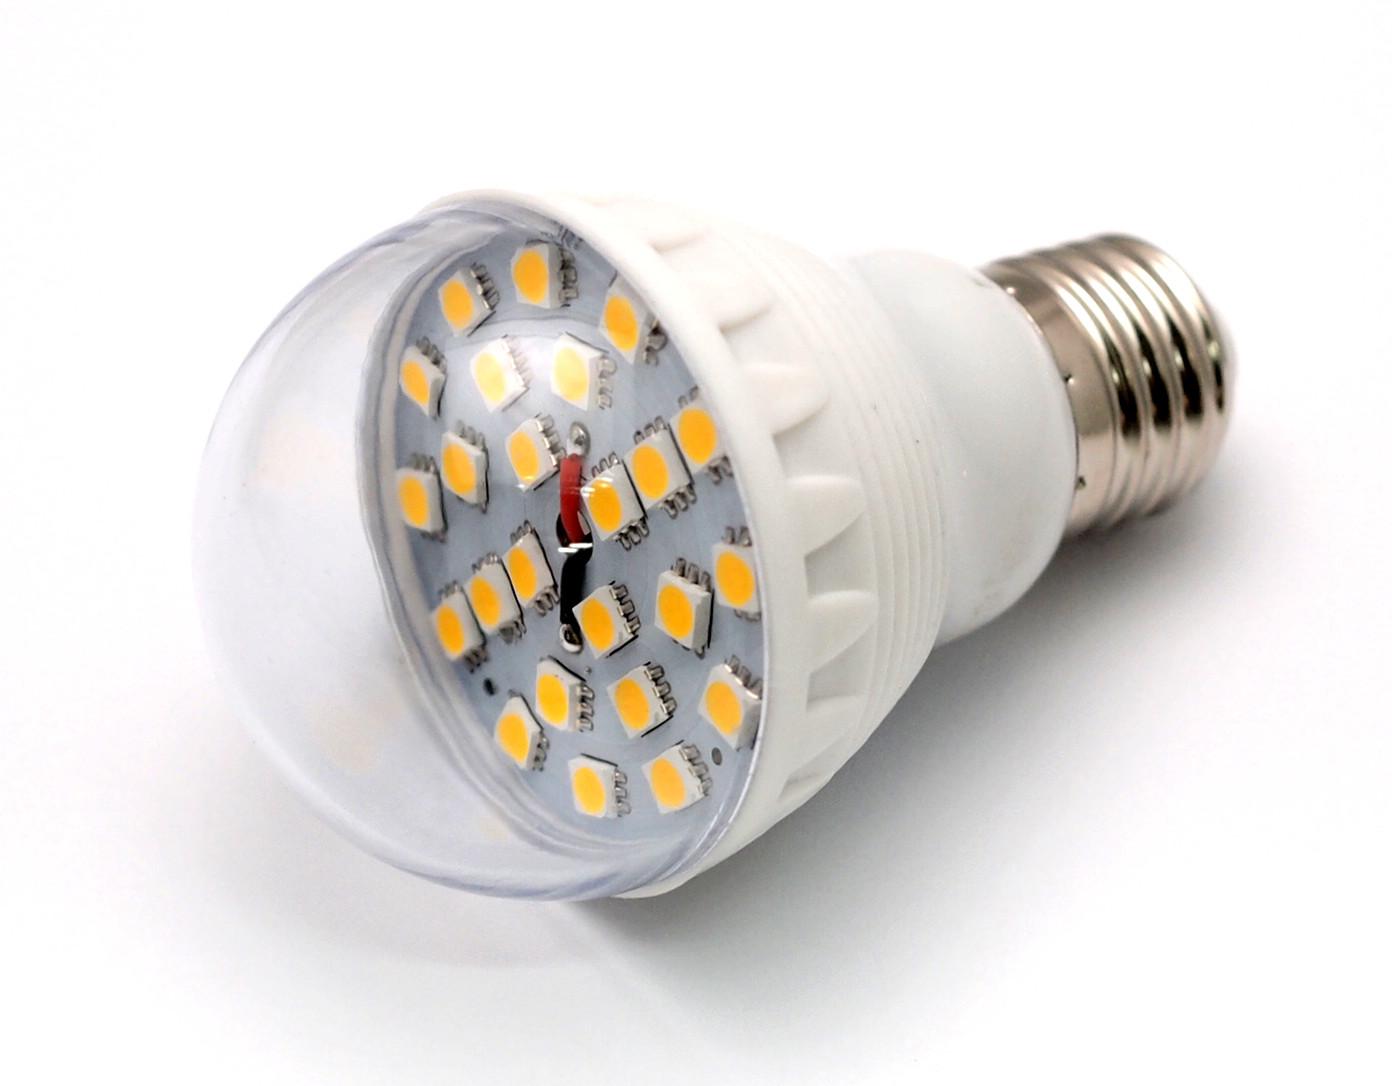 12v 24v led light globe lamp low voltage es27 edison 25x. Black Bedroom Furniture Sets. Home Design Ideas